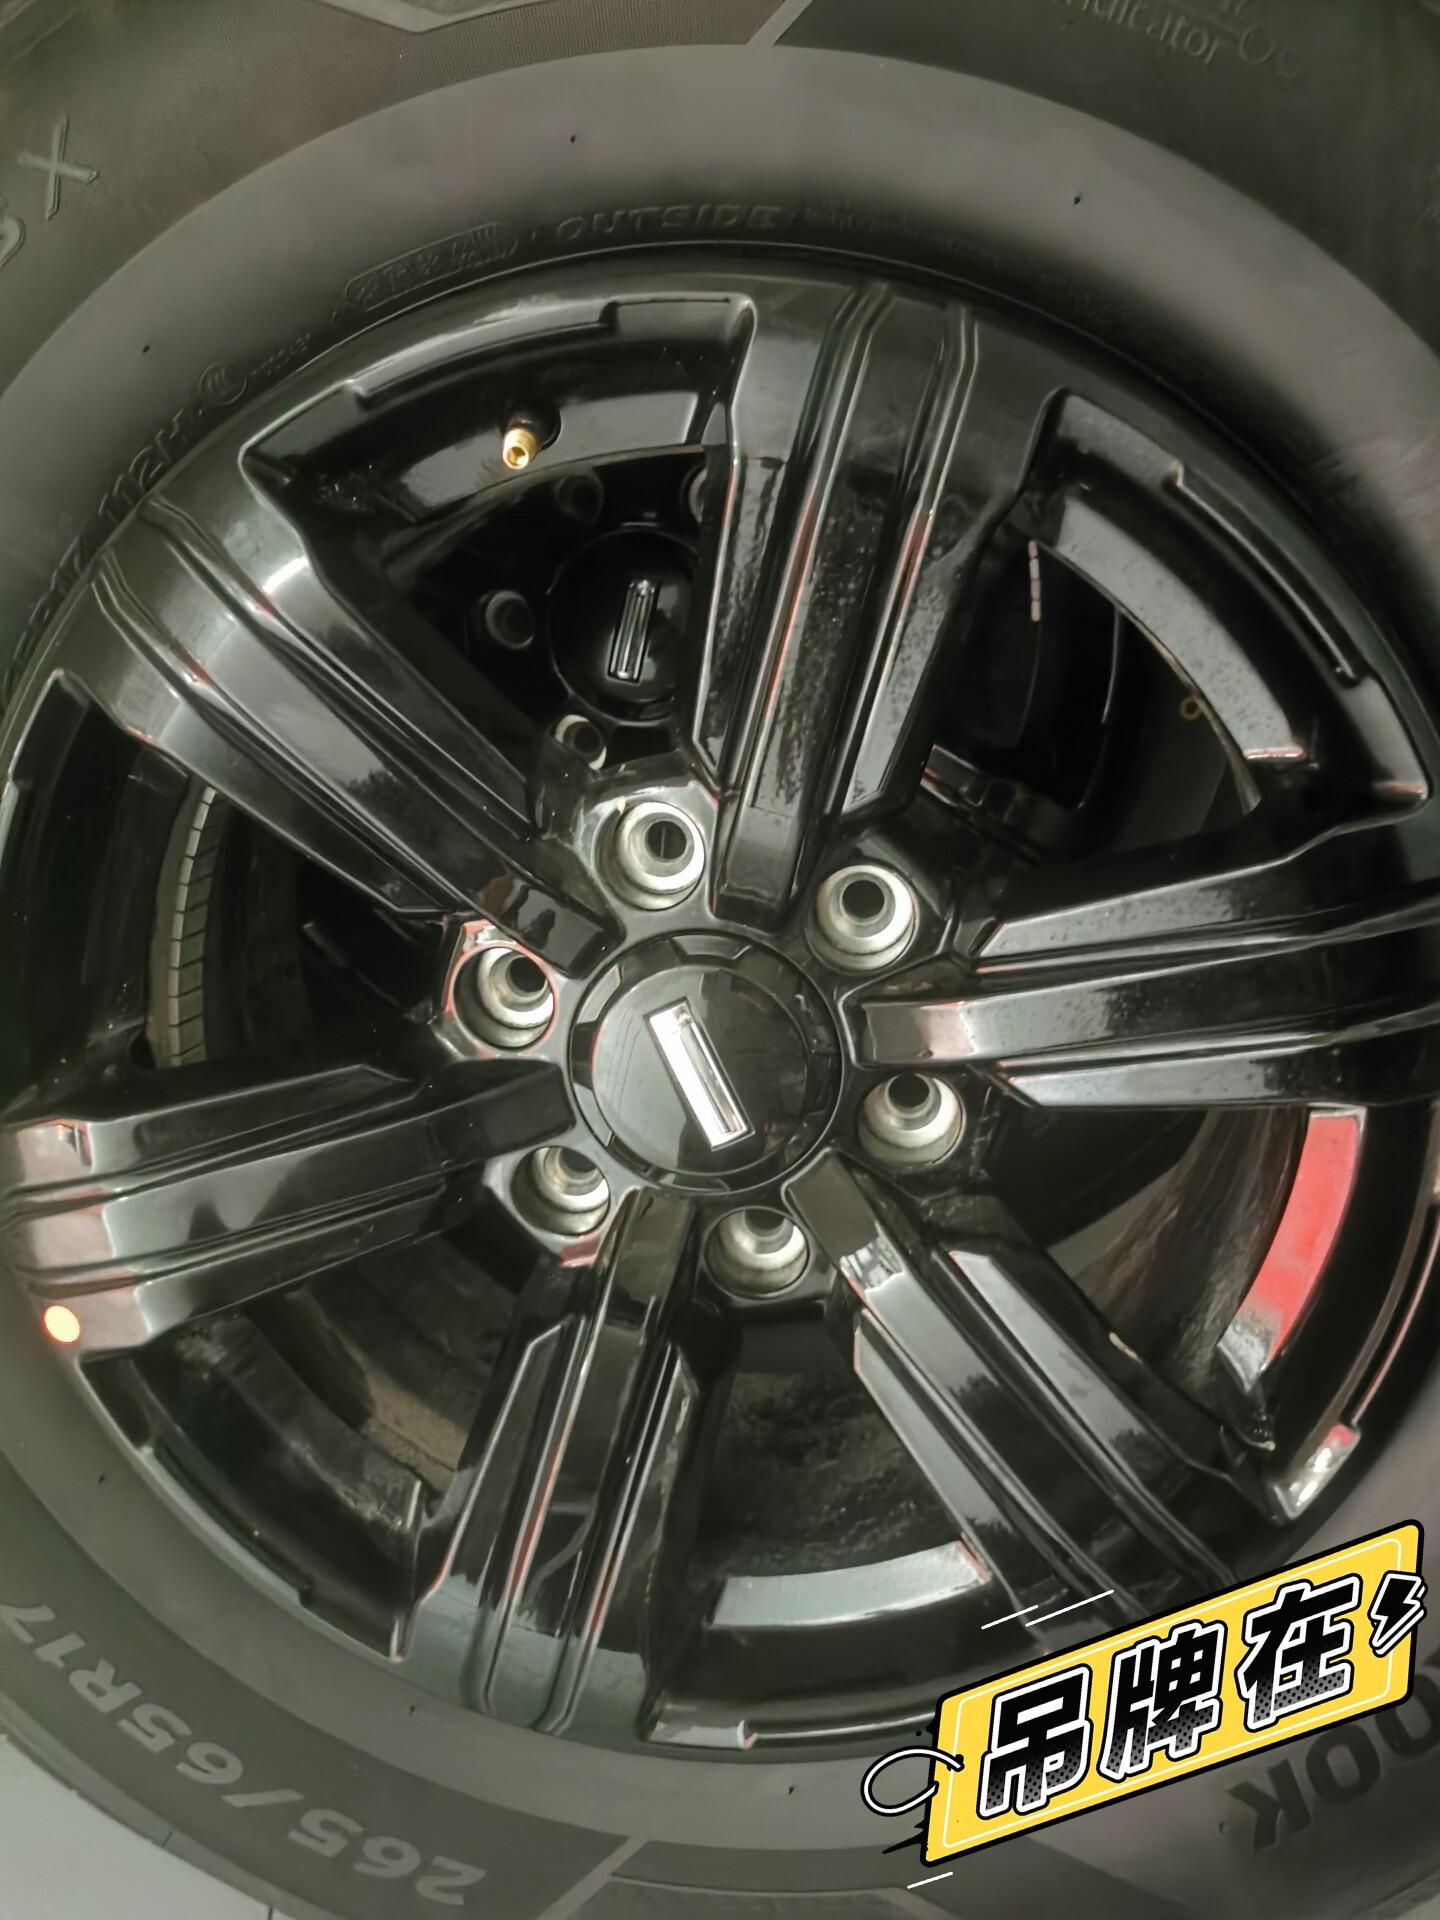 轮胎+轮辋全套卖,拍价为定金!韩泰轮胎265-65-17的加